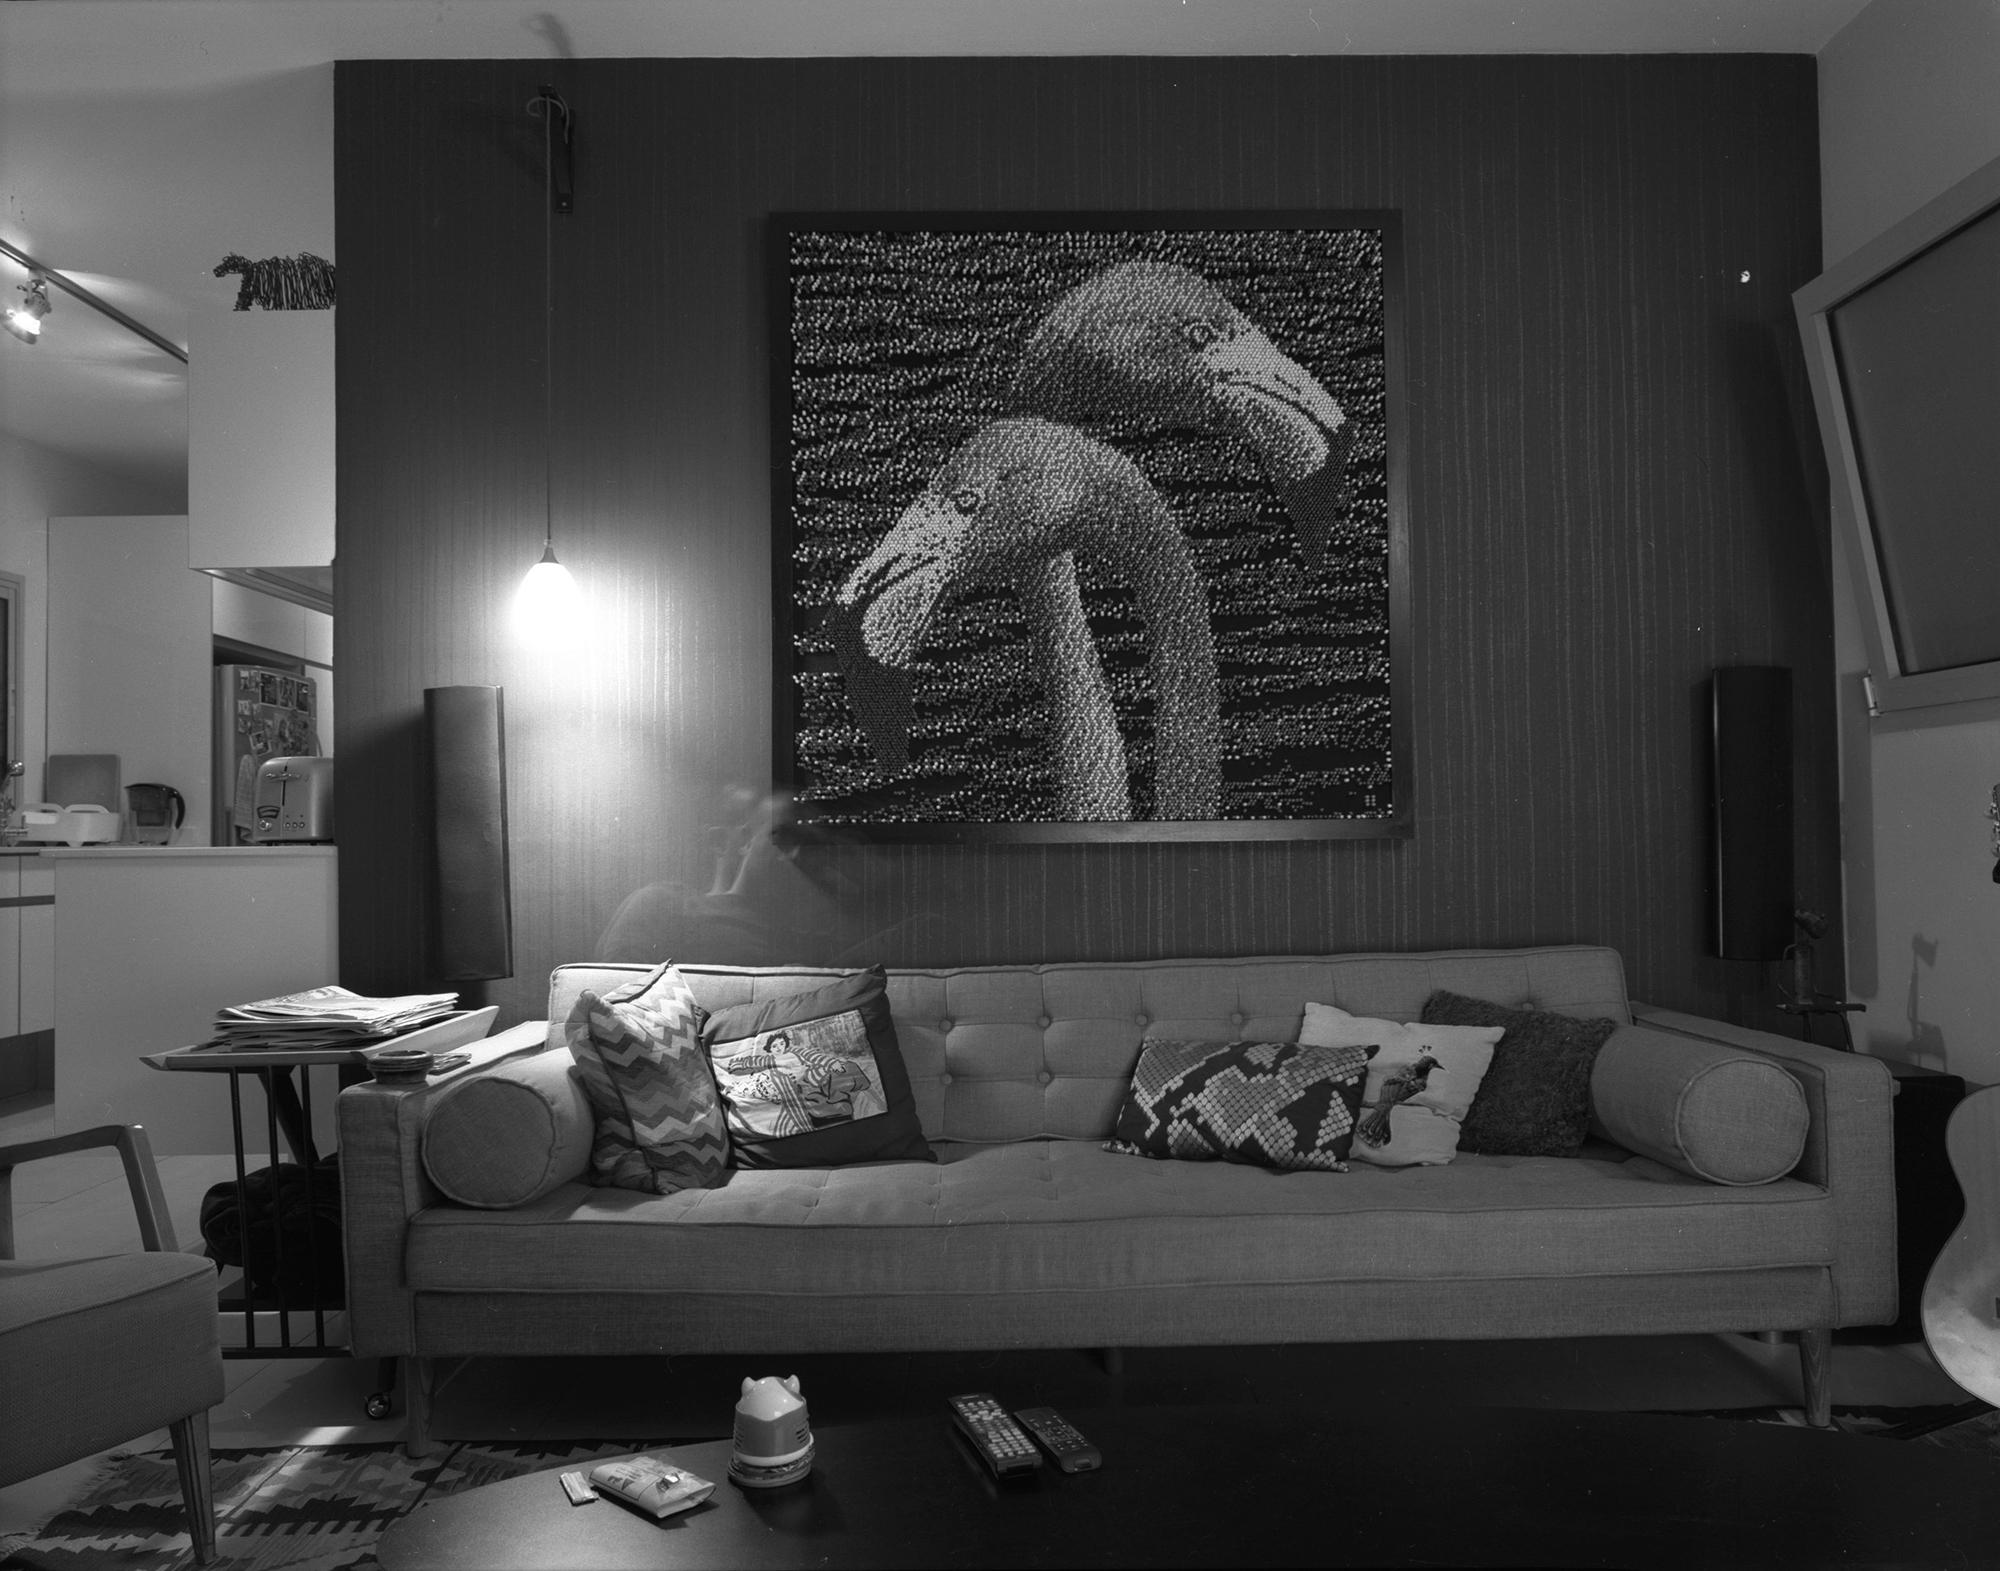 O. living room, 2015